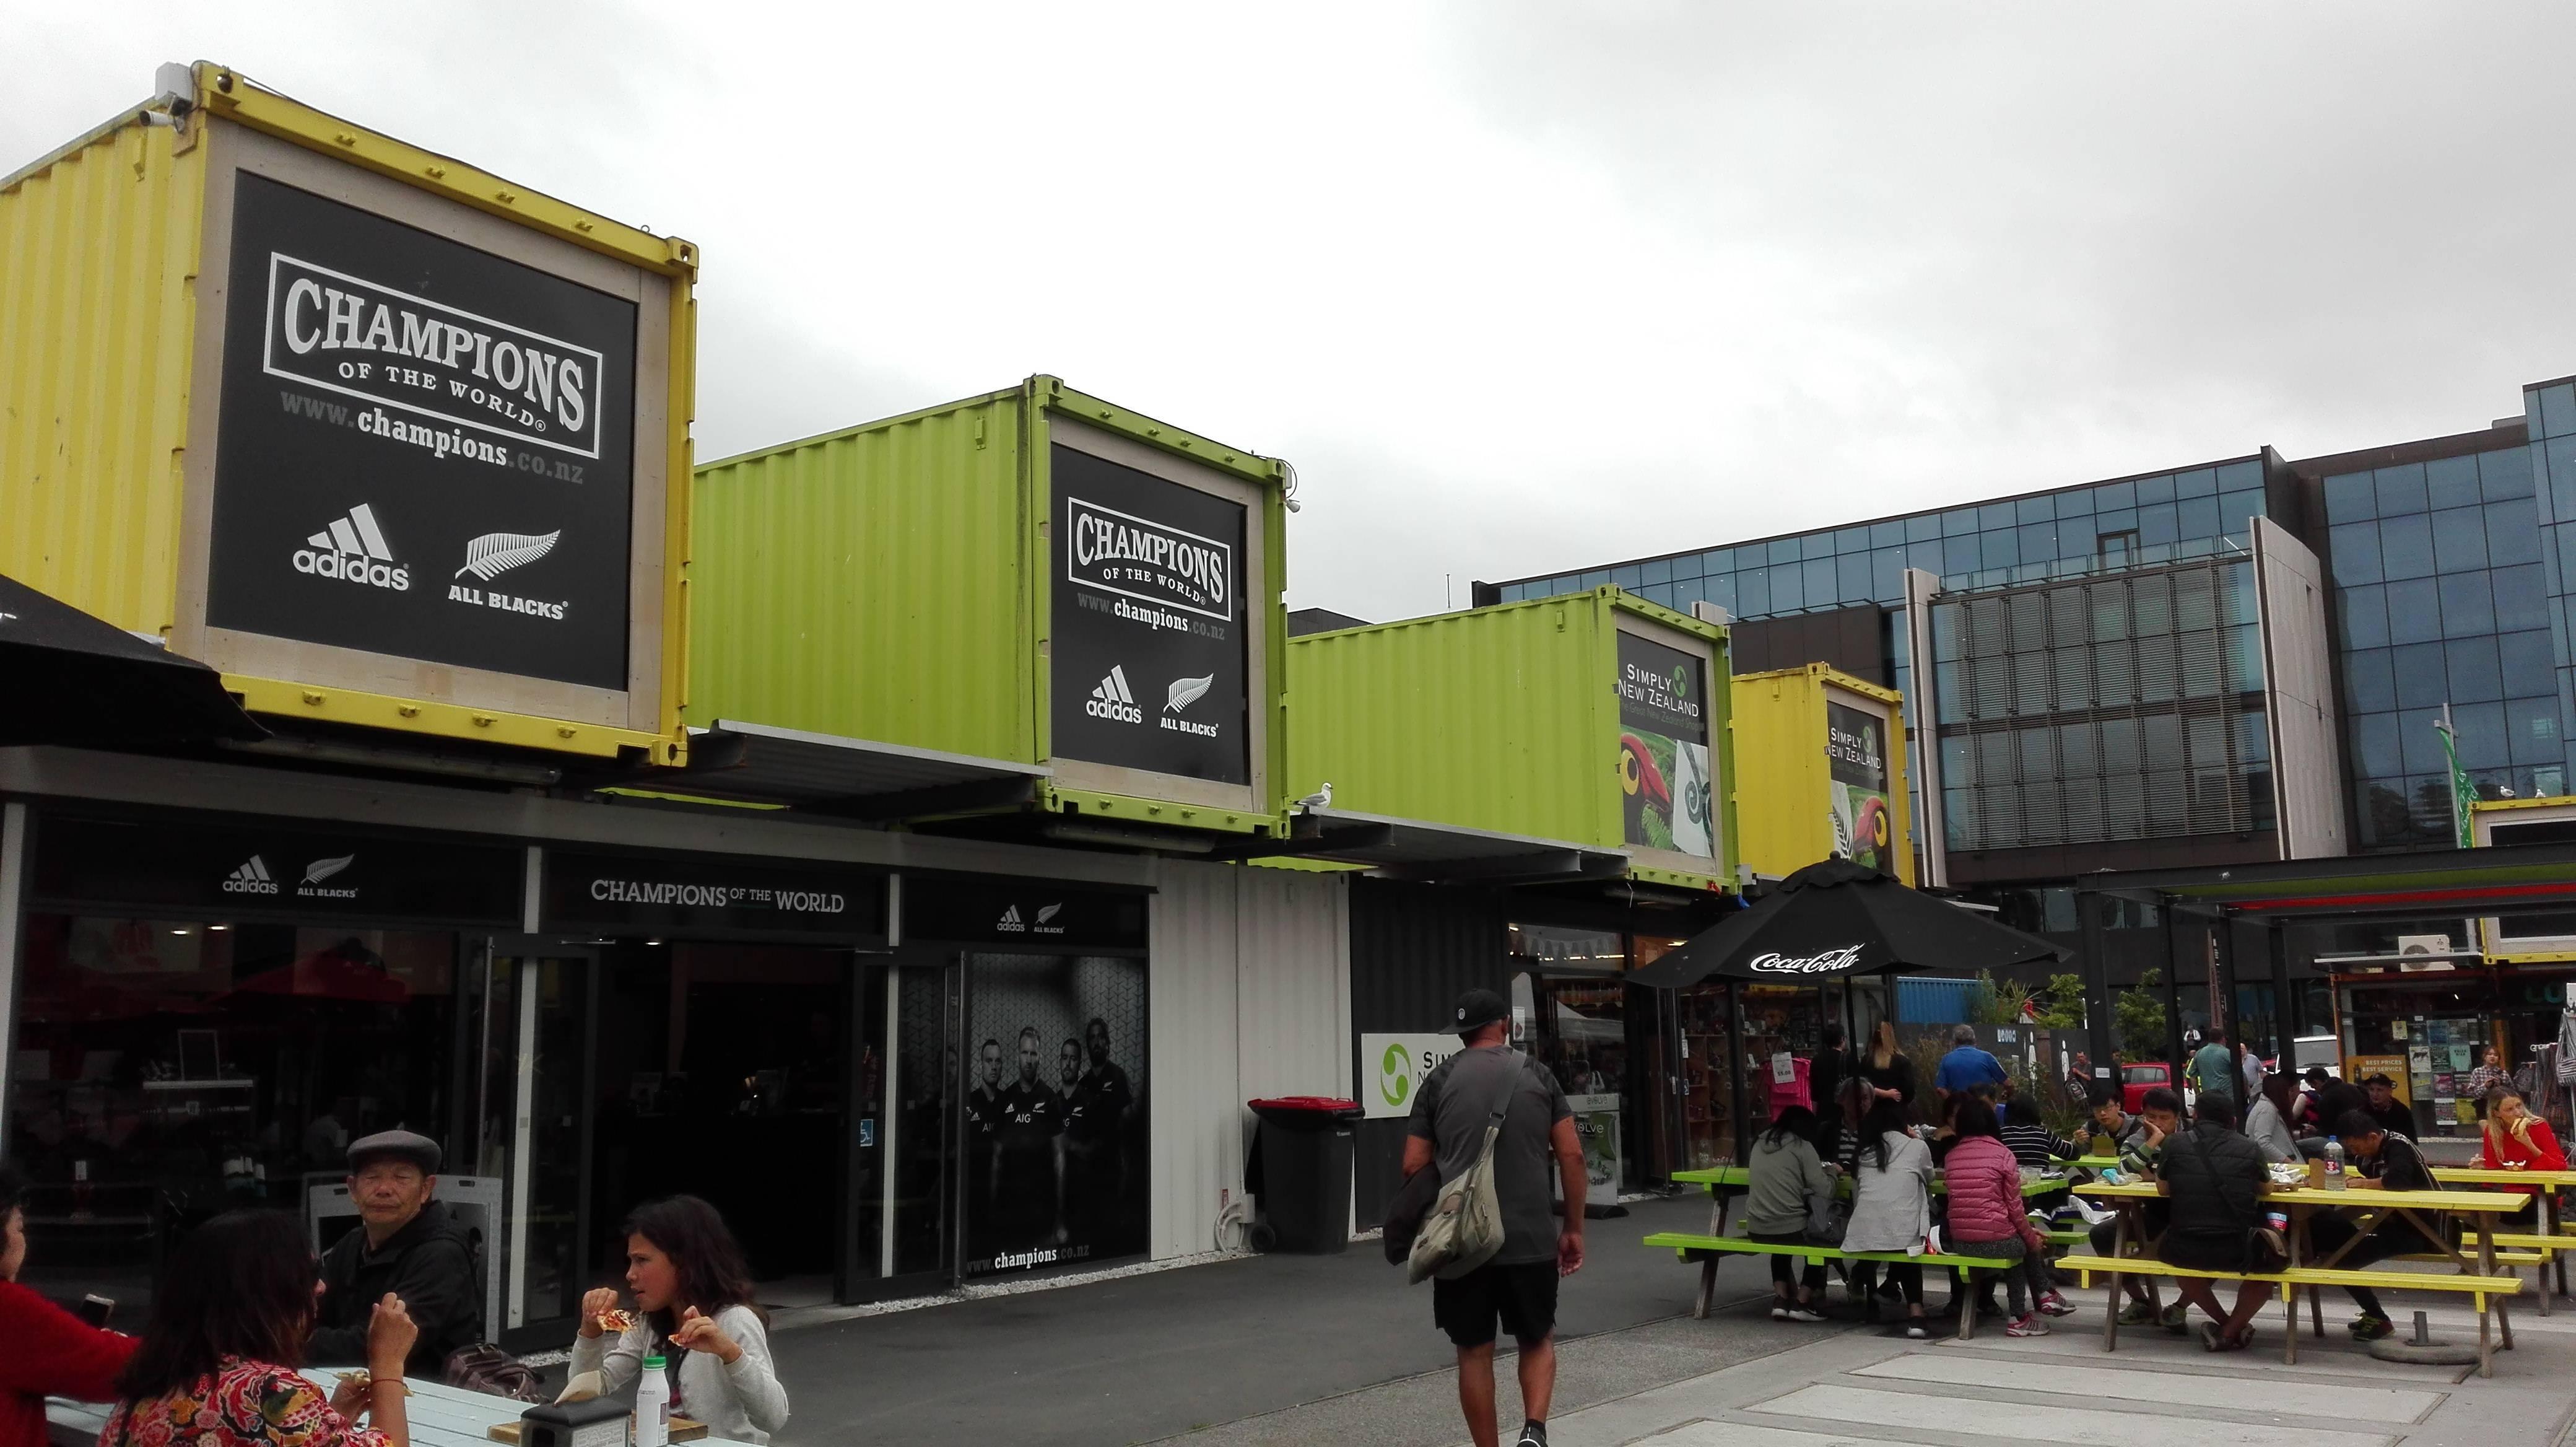 Photo 3: Christchurch, la ville-jardin de Nouvelle-Zélande